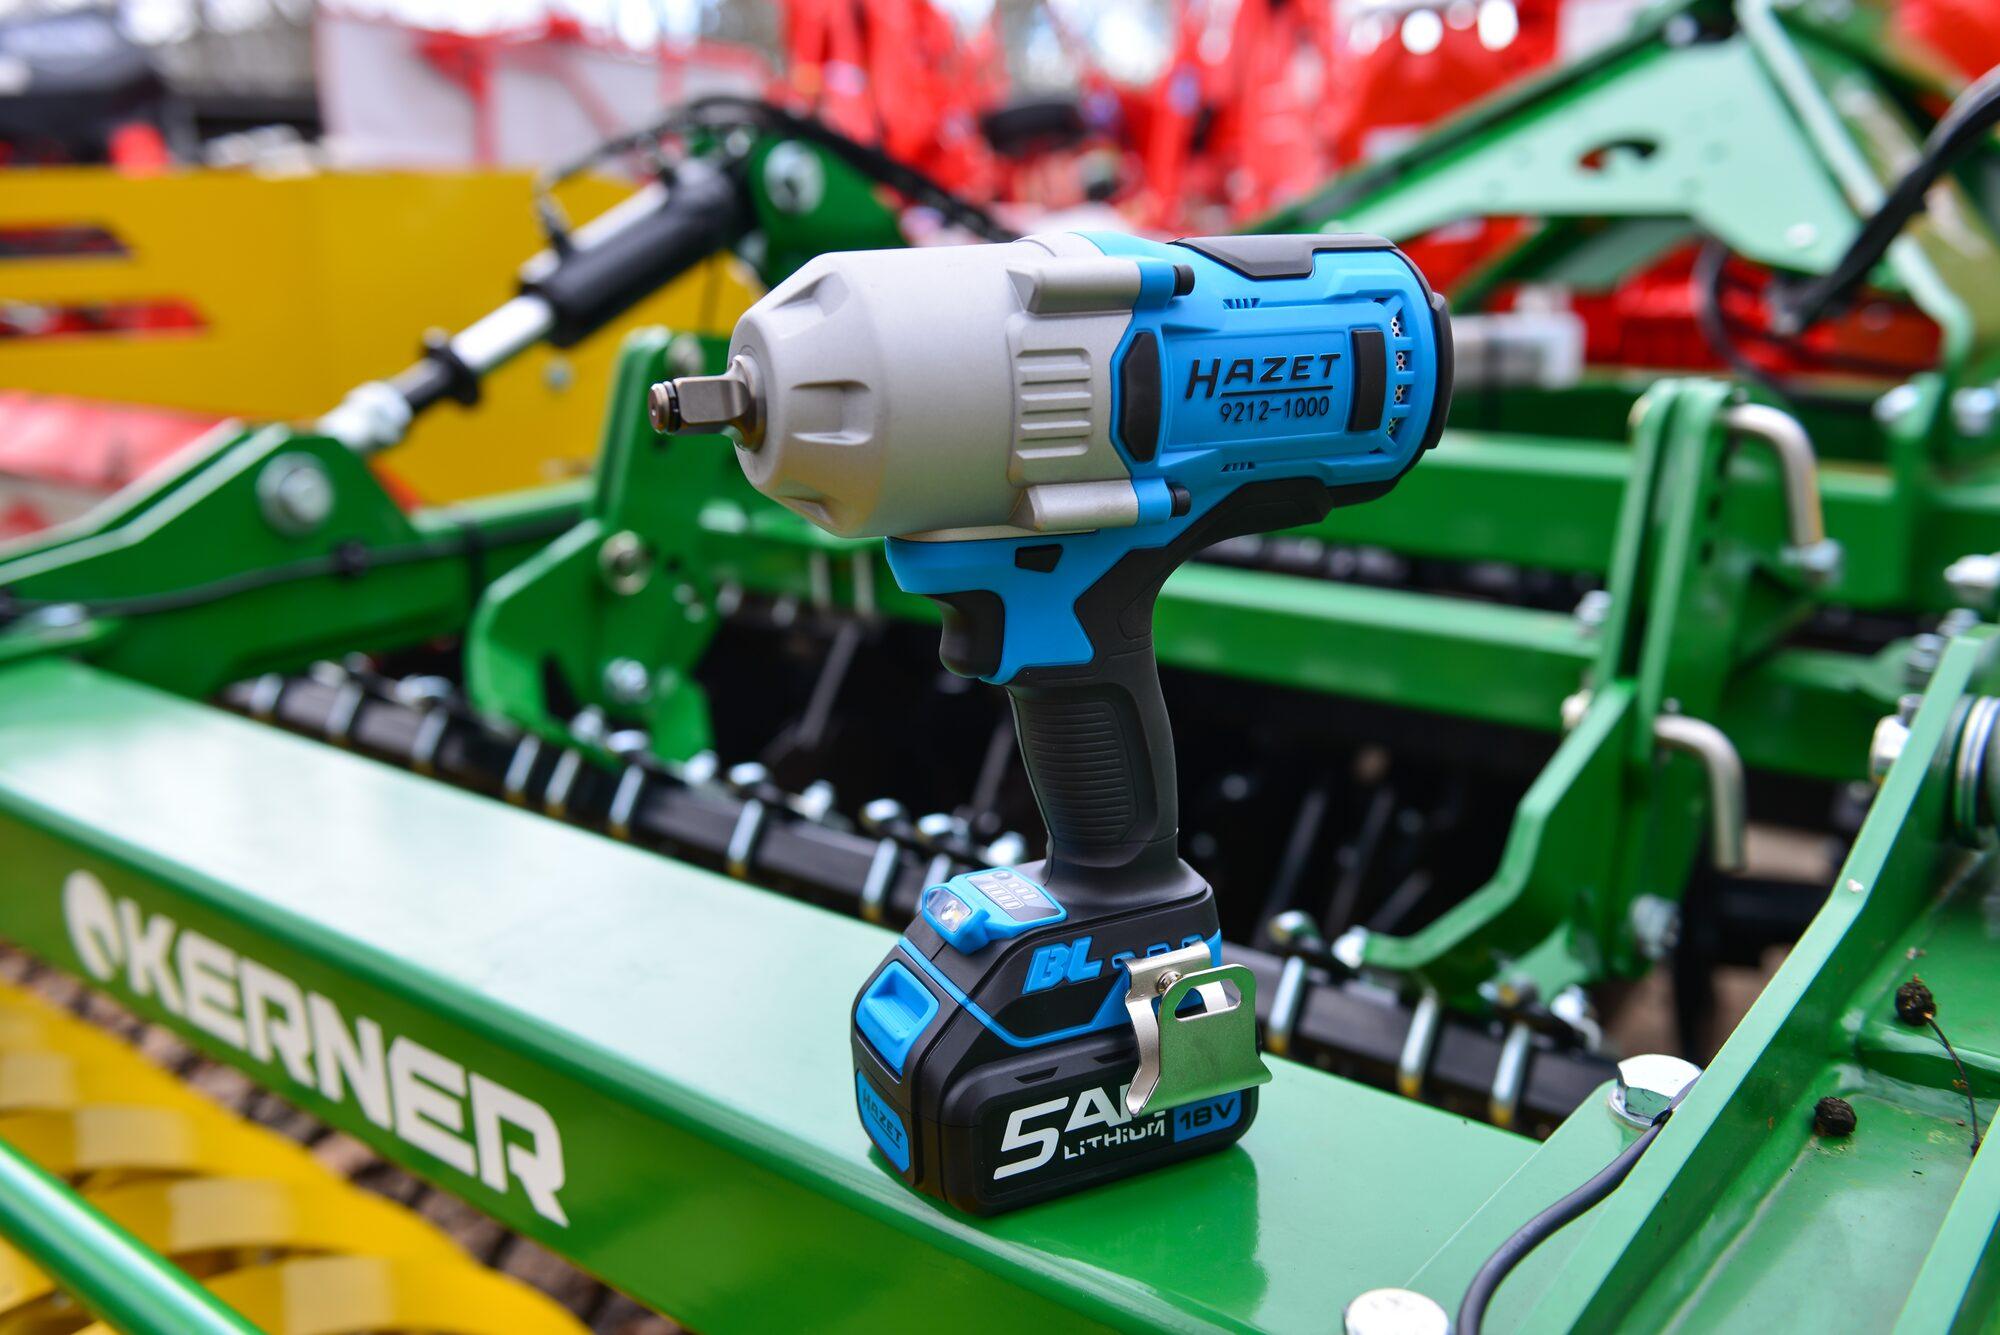 HAZET Akku-Schlagschrauber 9212-1000 ∙ Lösemoment maximal: 1400 Nm ∙ Vierkant massiv 12,5 mm (1/2 Zoll)